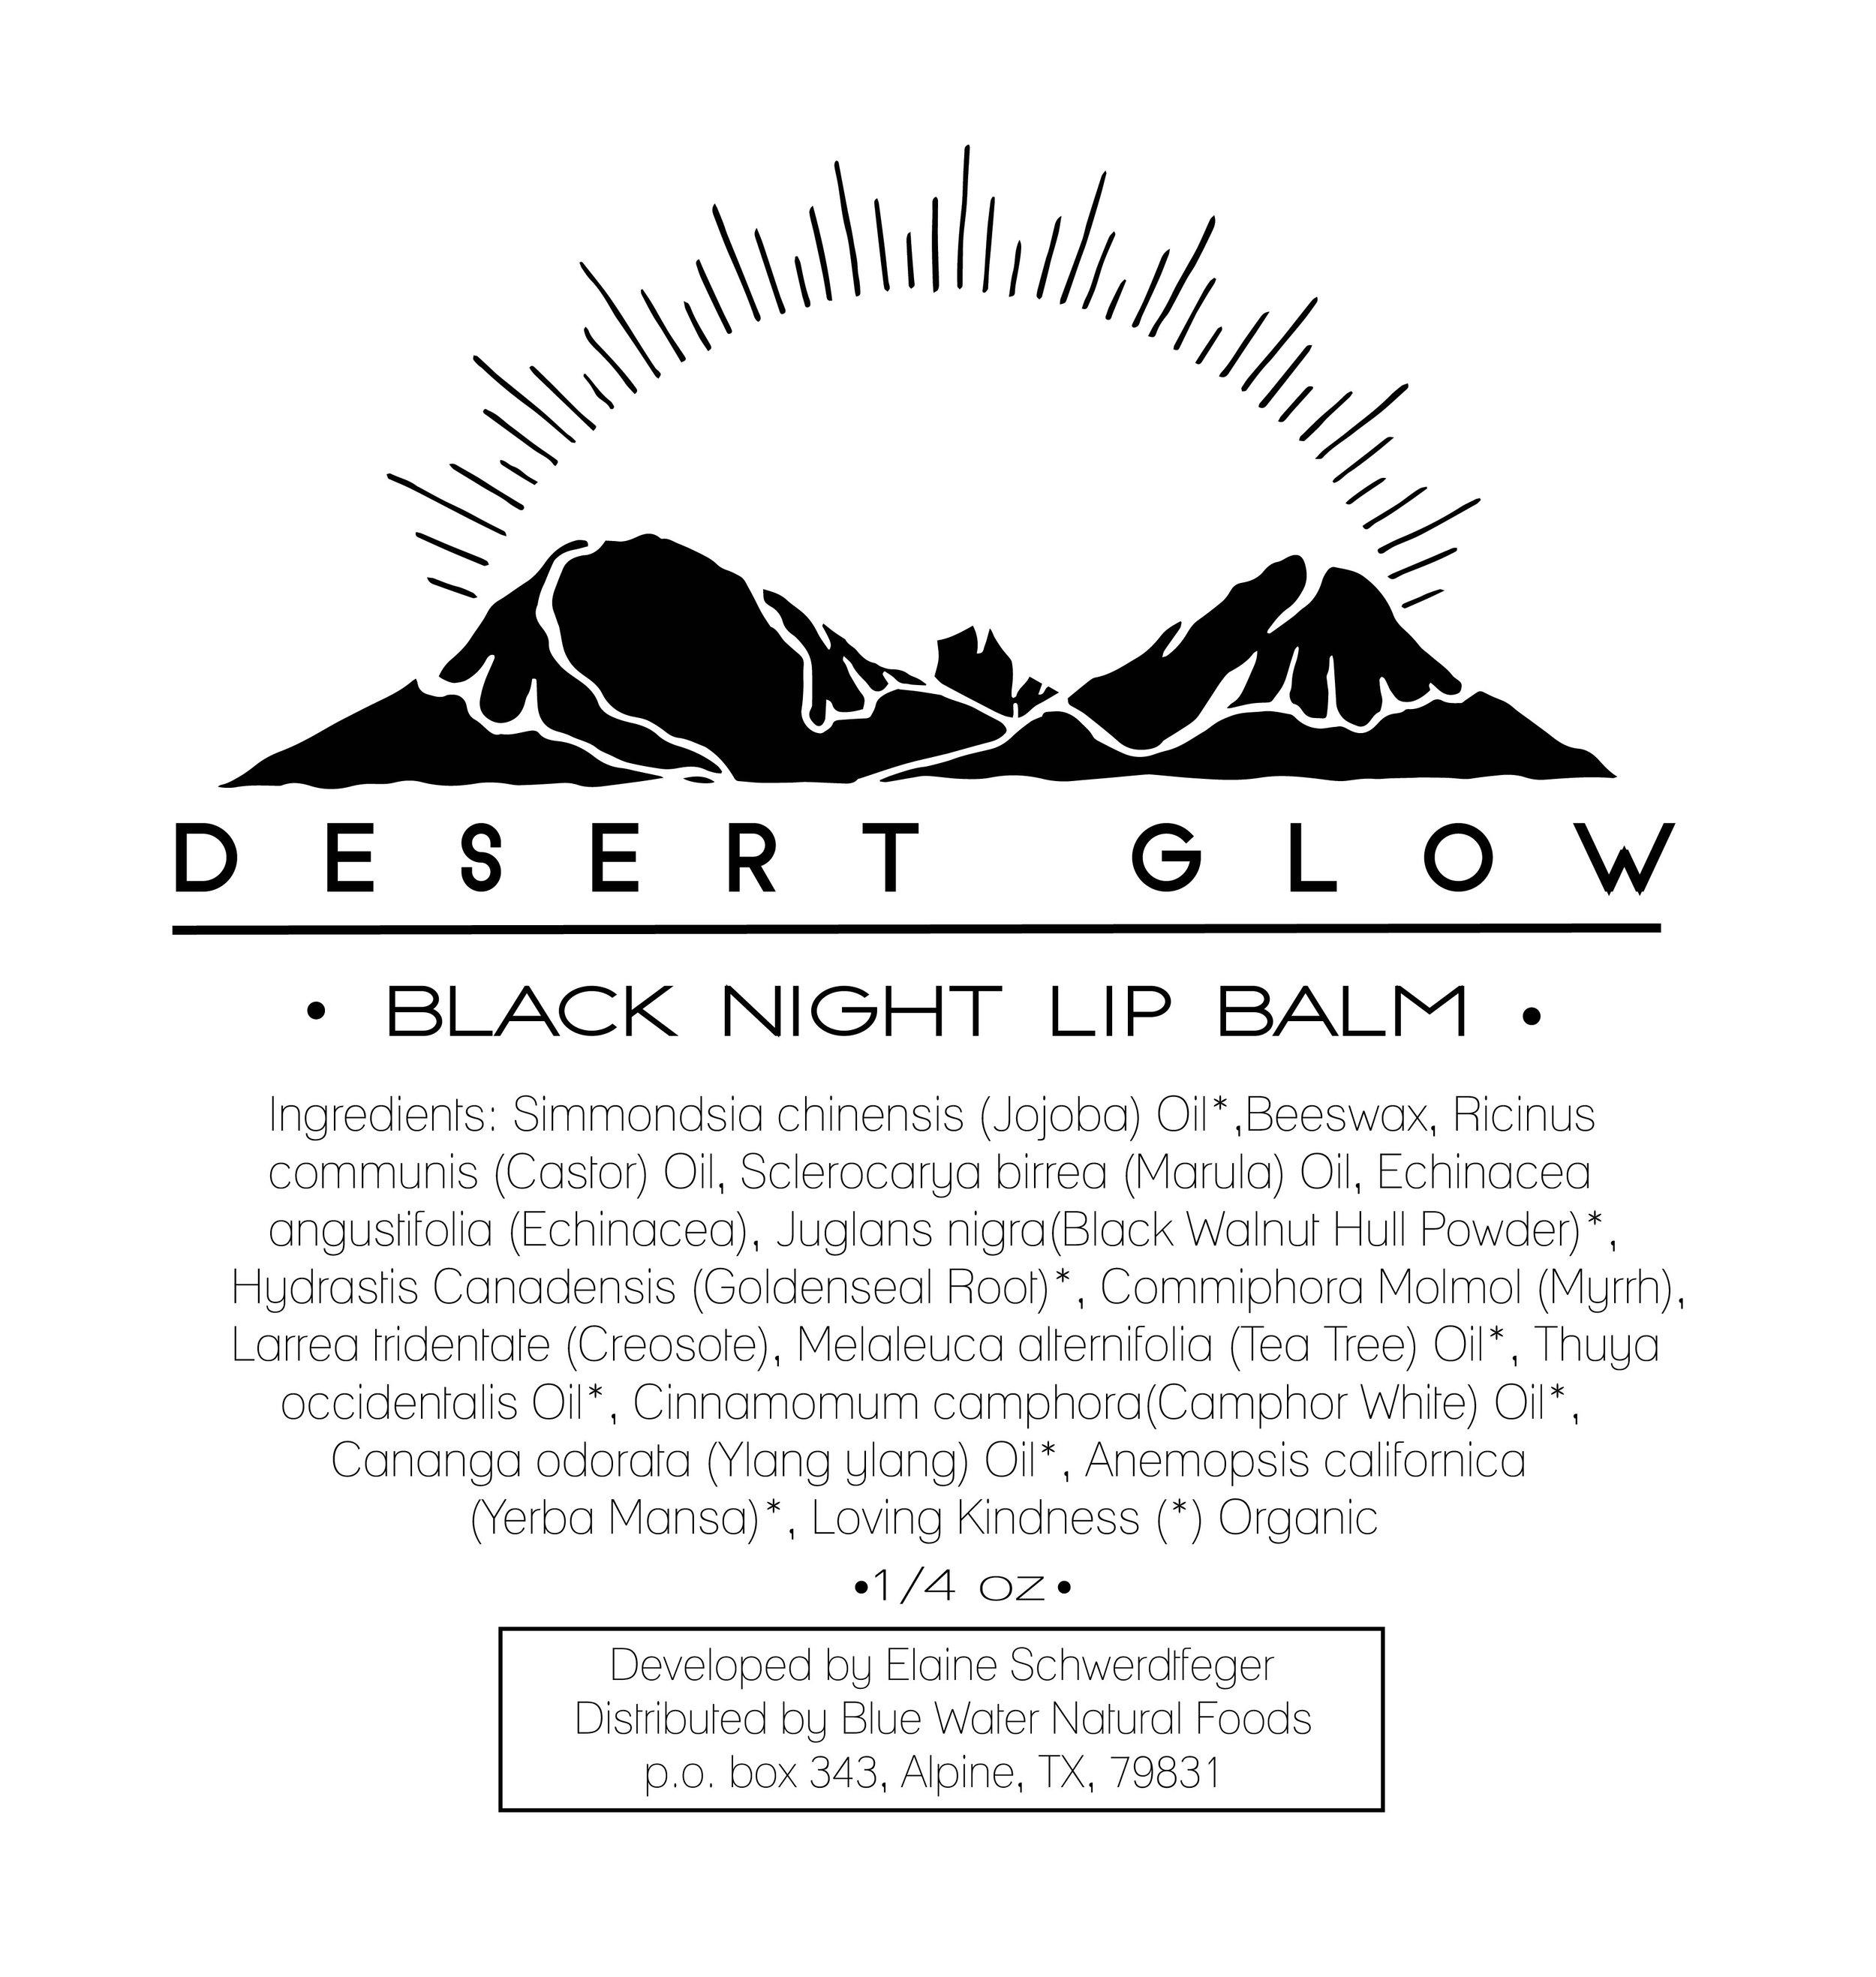 DesertGlow2-02.jpg